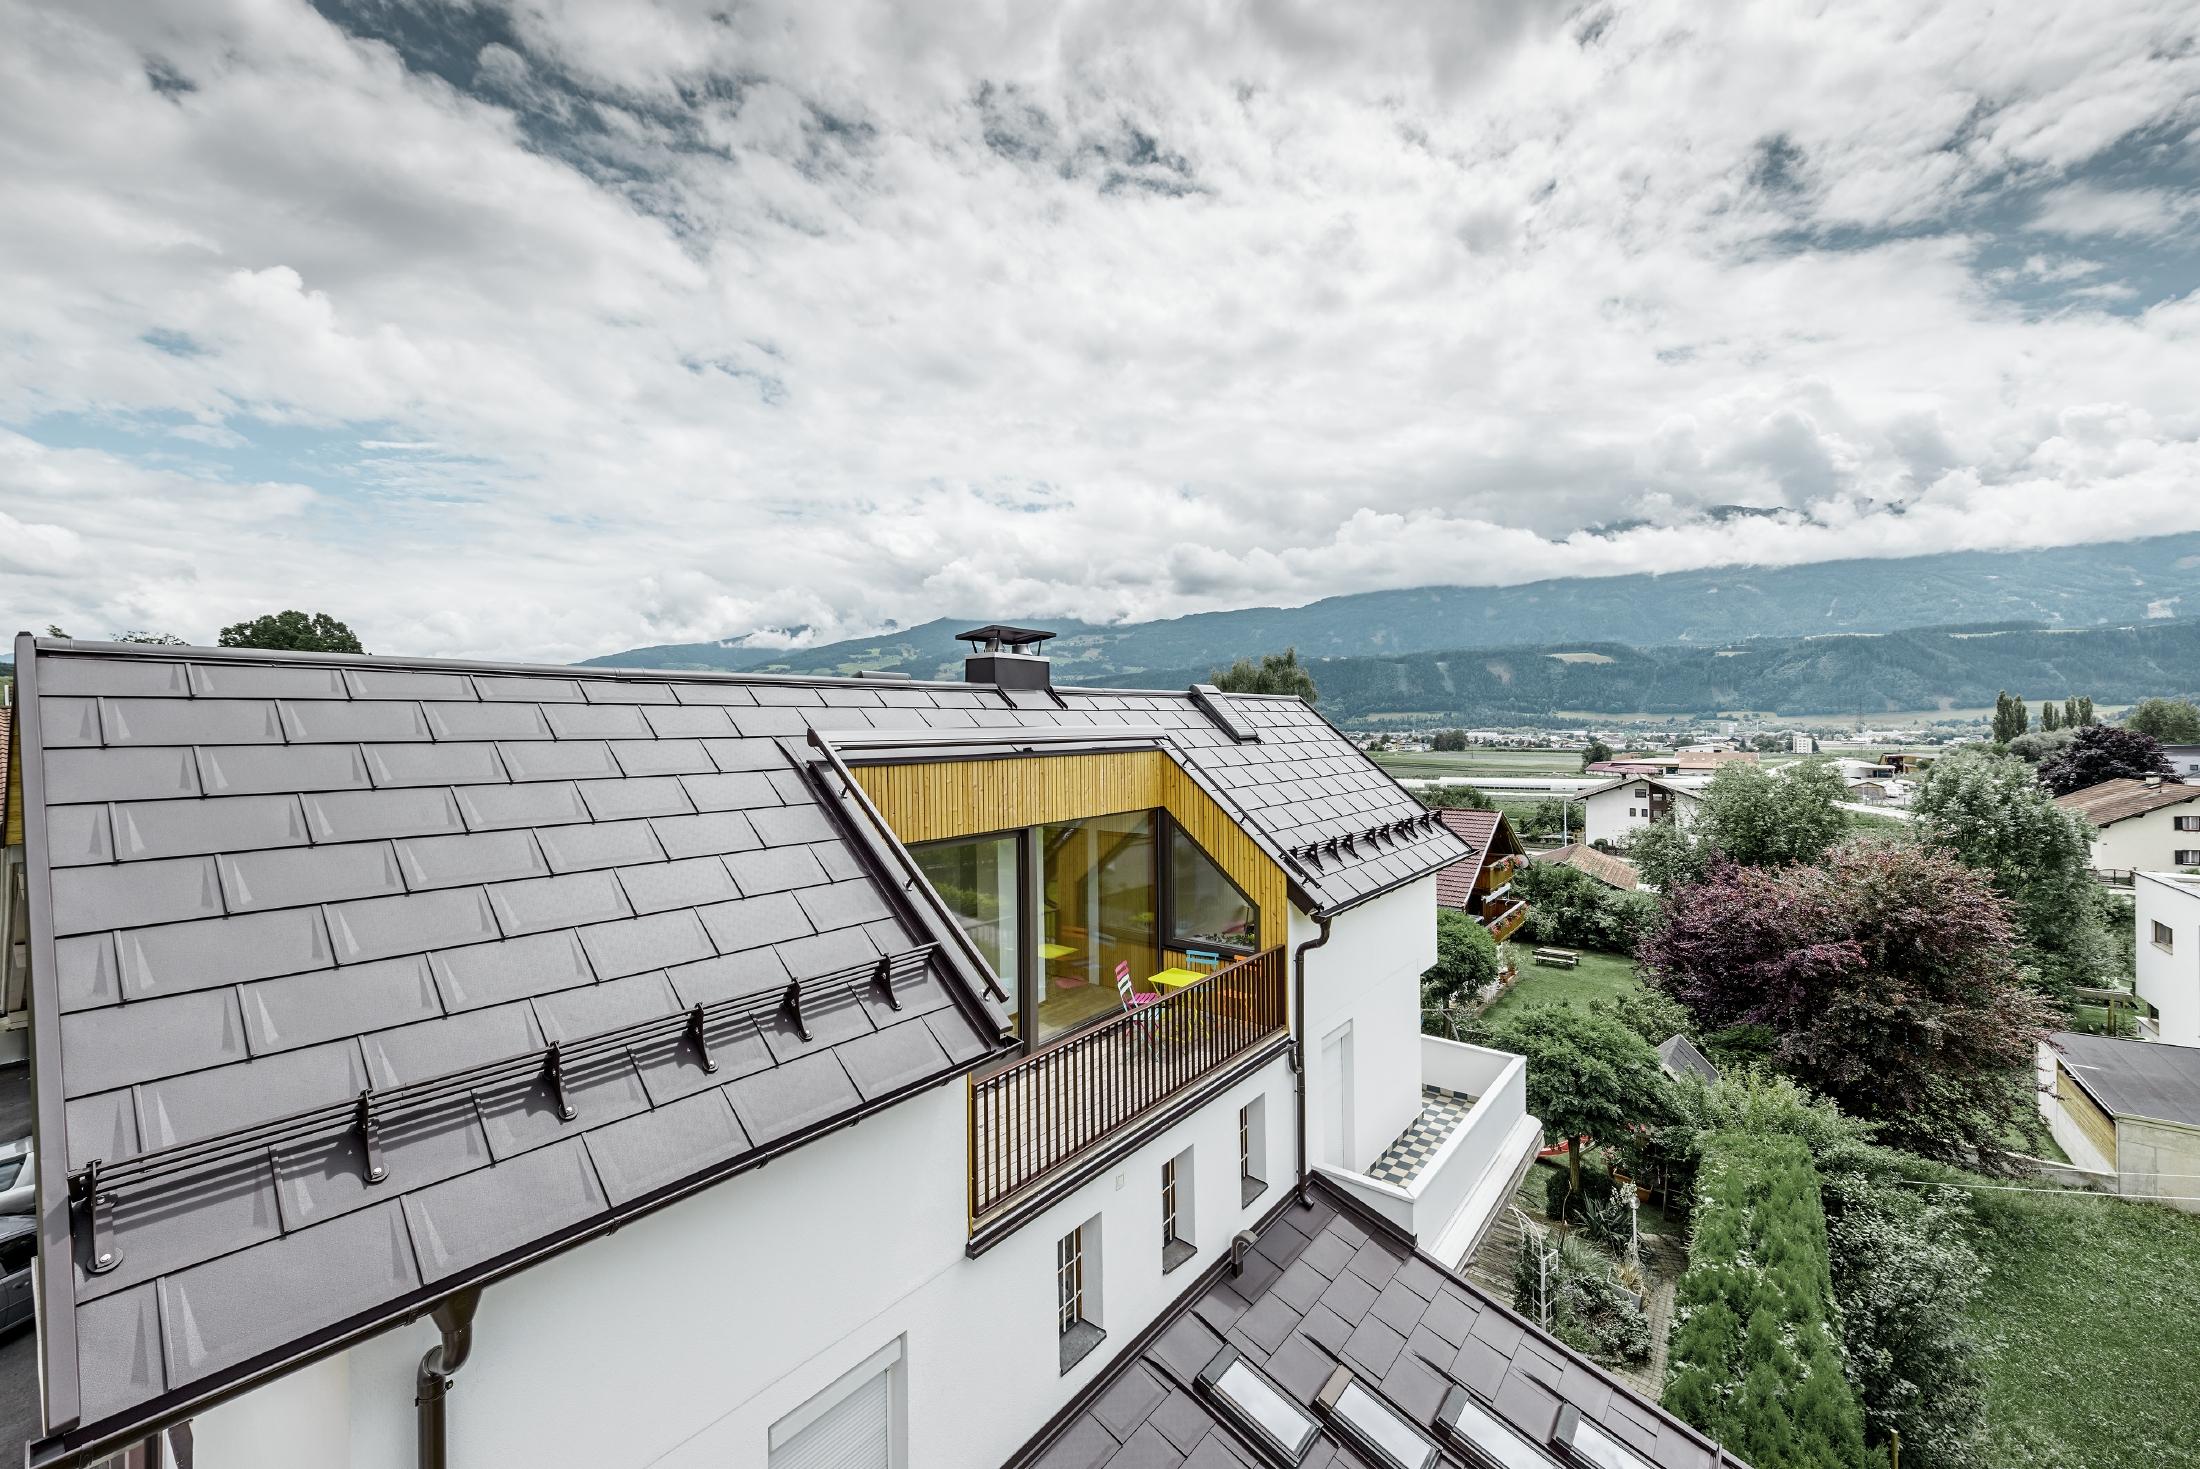 Dachsanierung Tipps Tricks Für Ihr Neues Dach